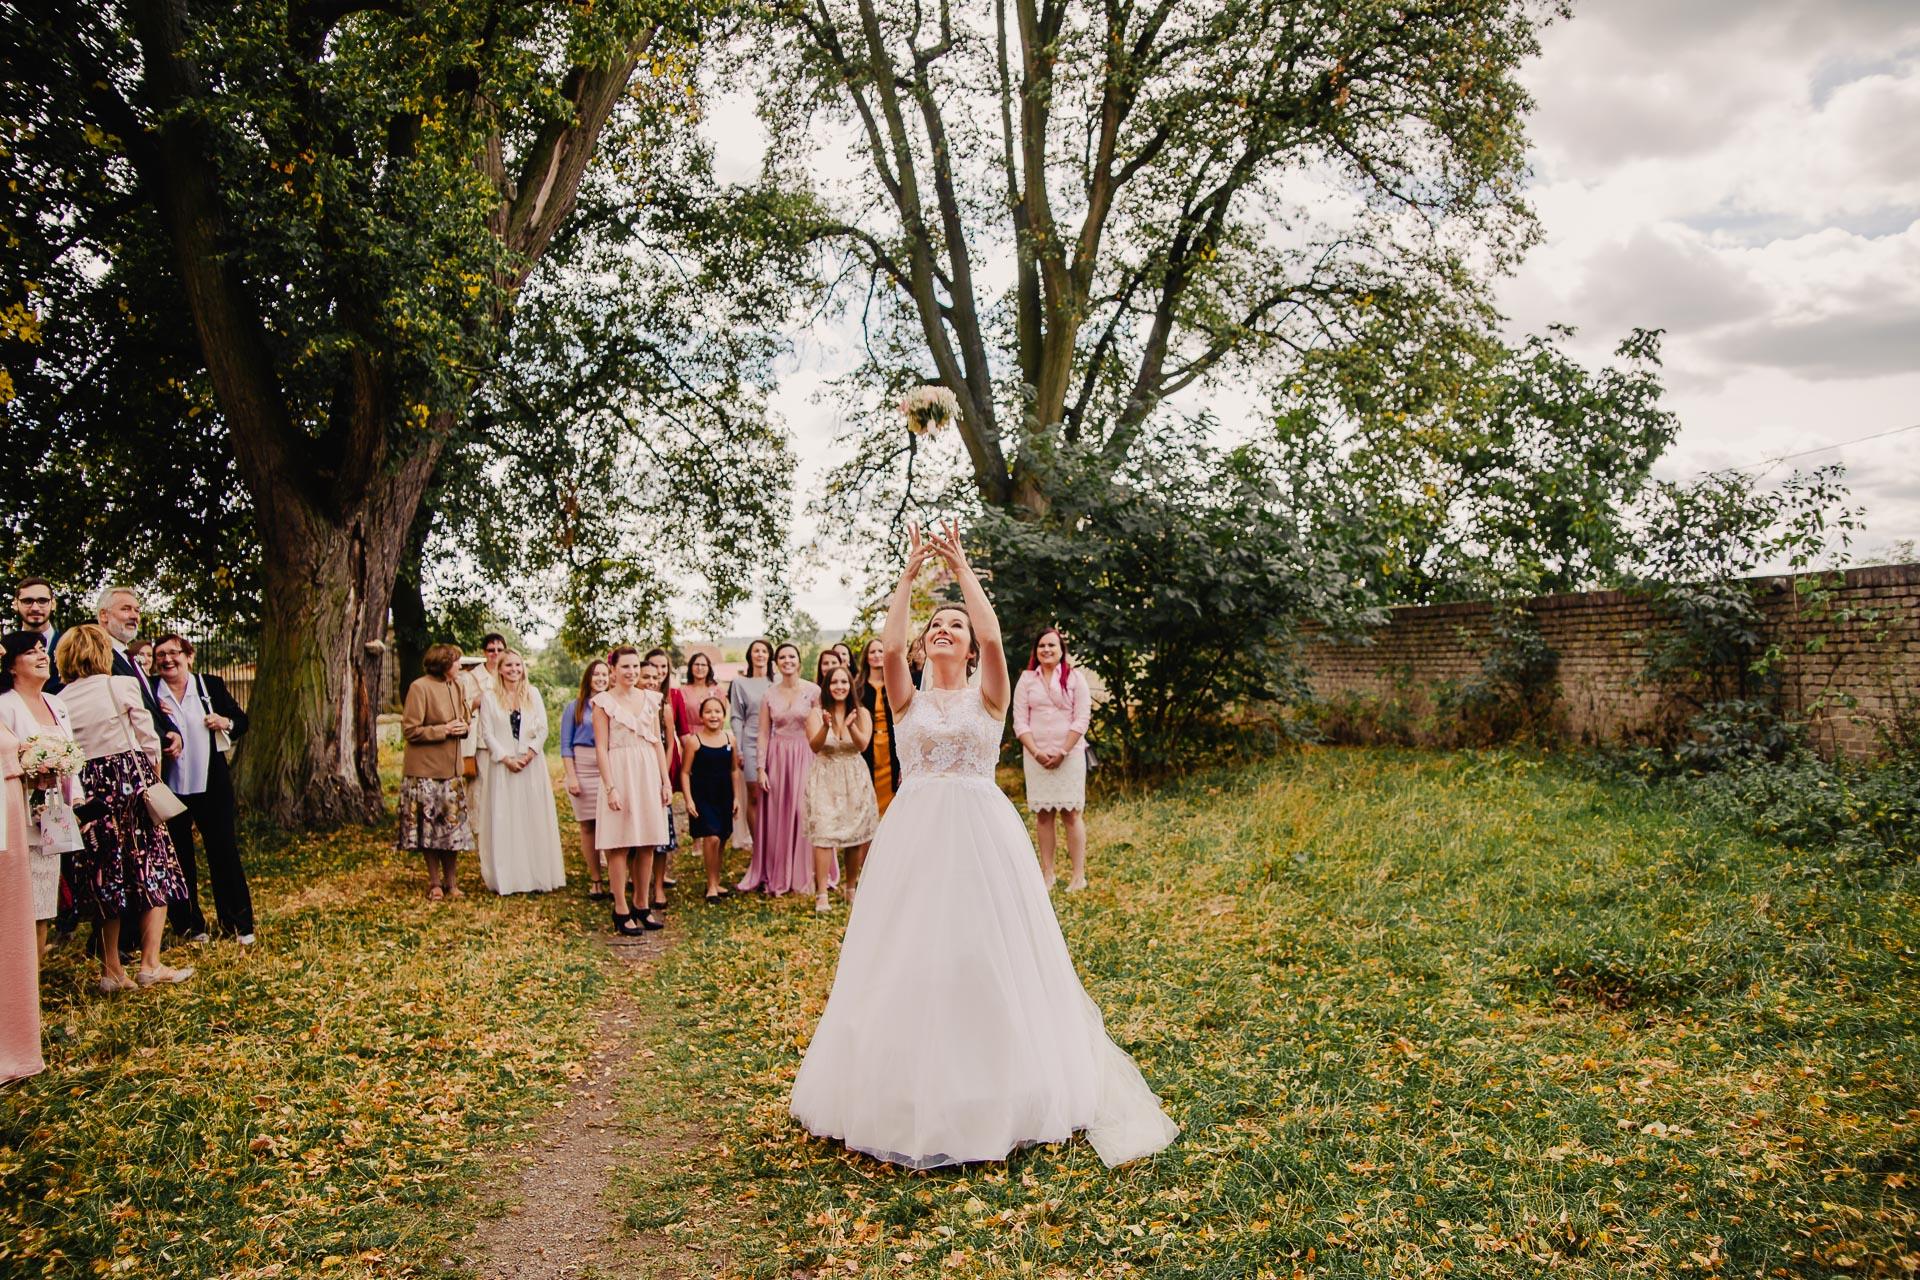 svatební fotograf Praha,svatba střední čechy, církevní obřad, svatba v kostele, nejhezčí svatební fotografie-2636